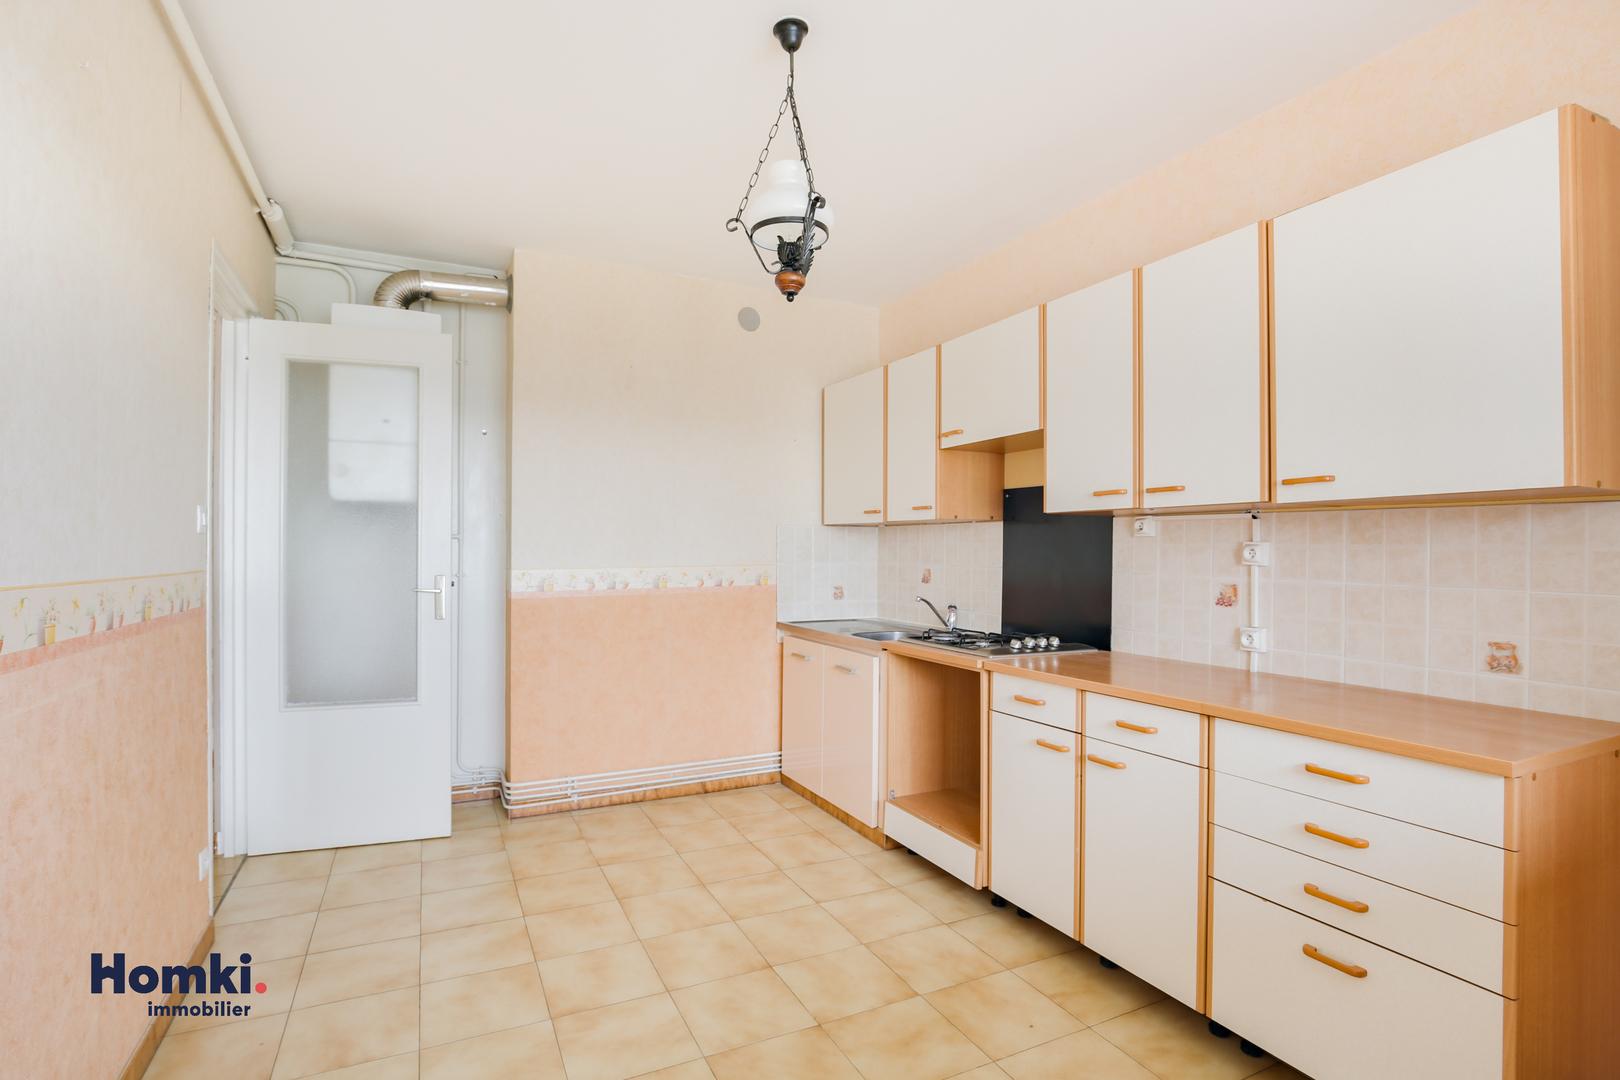 Vente appartement 75m² T4 69800_ 5